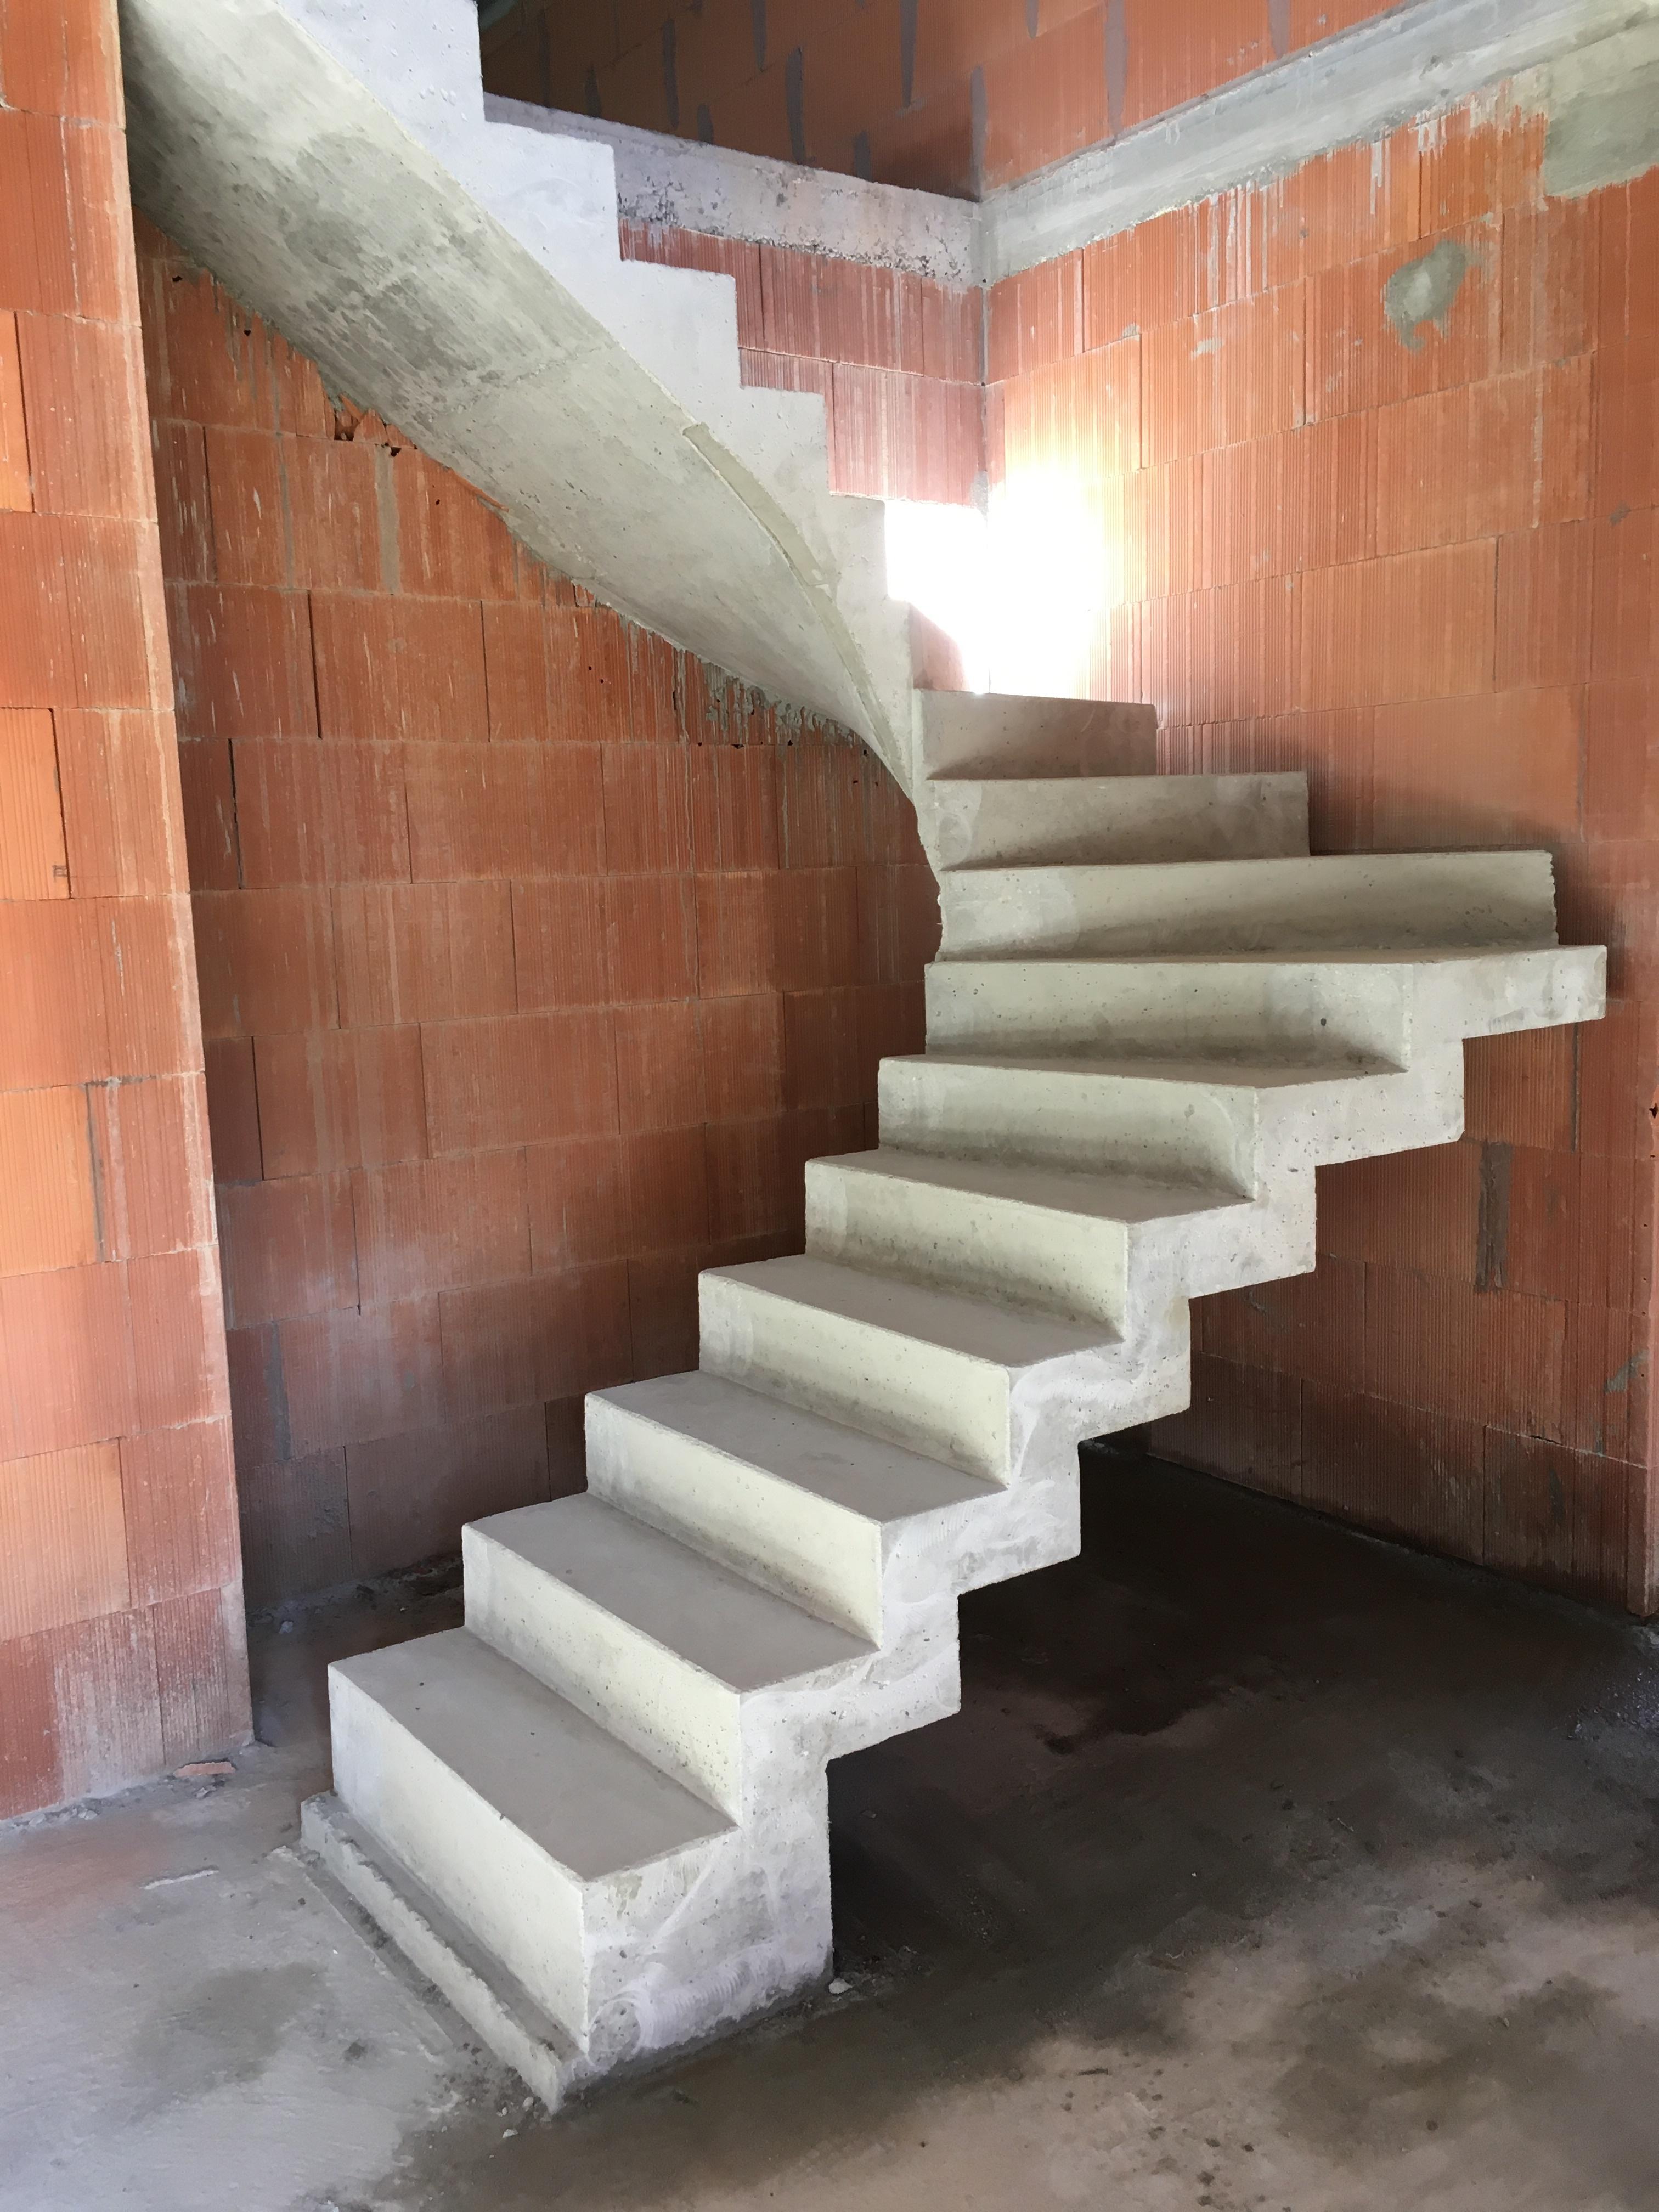 remarquable escalier graphique contemporain en béton brut de décoffrage A Eysines pour un constructeur